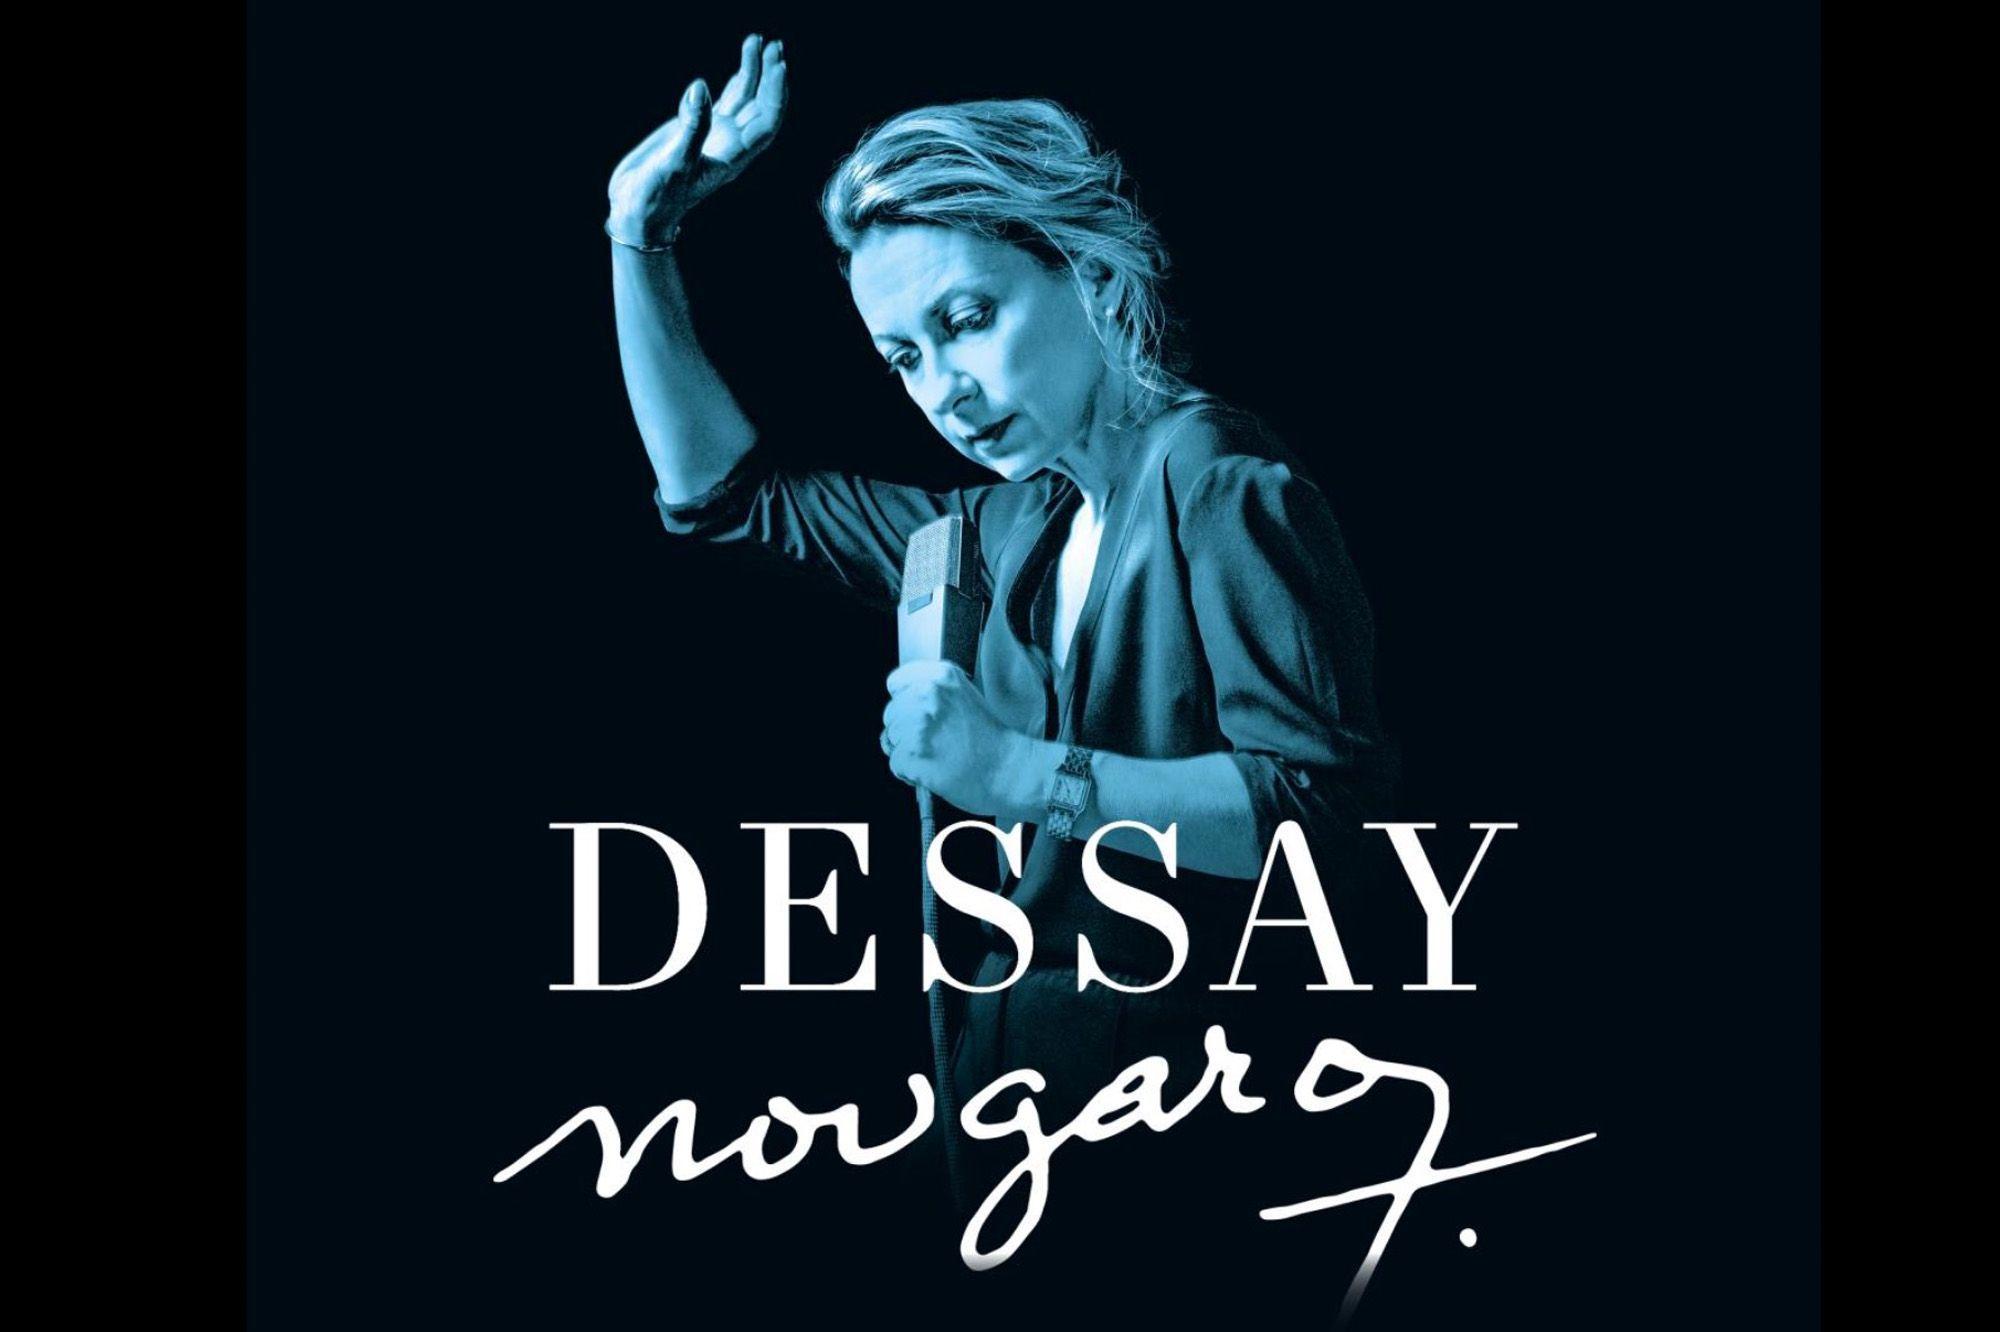 Natalie Dessay-Sublime en Nougaro !-Cover-ParisBazaar-Borde